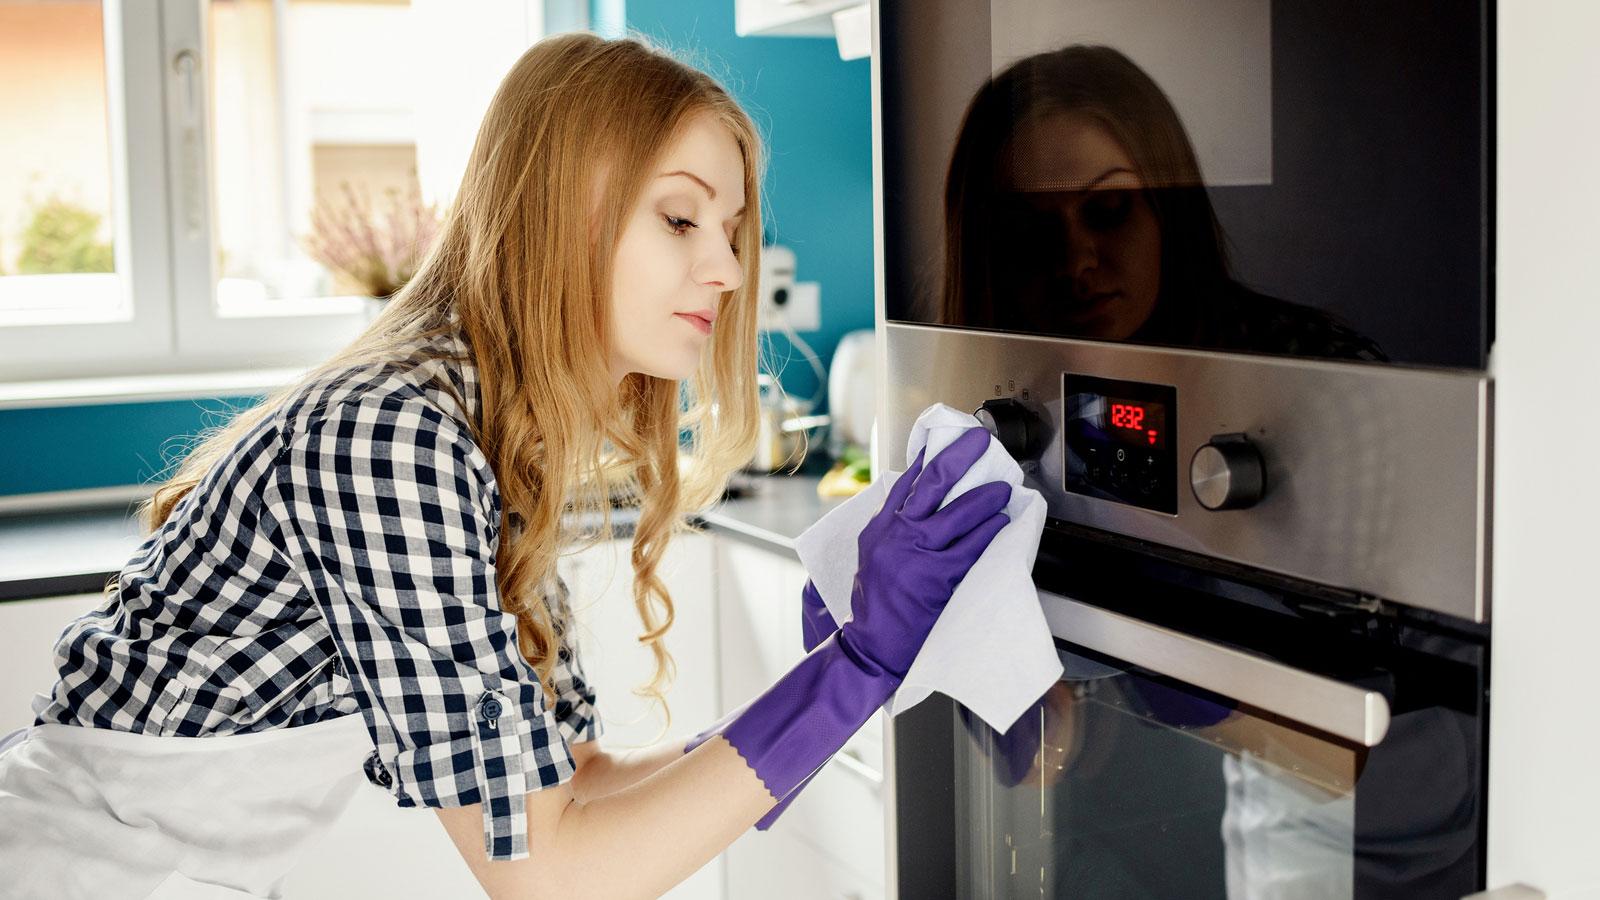 7 Tipps: Edelstahl reinigen & pflegen mit einfachen Mitteln